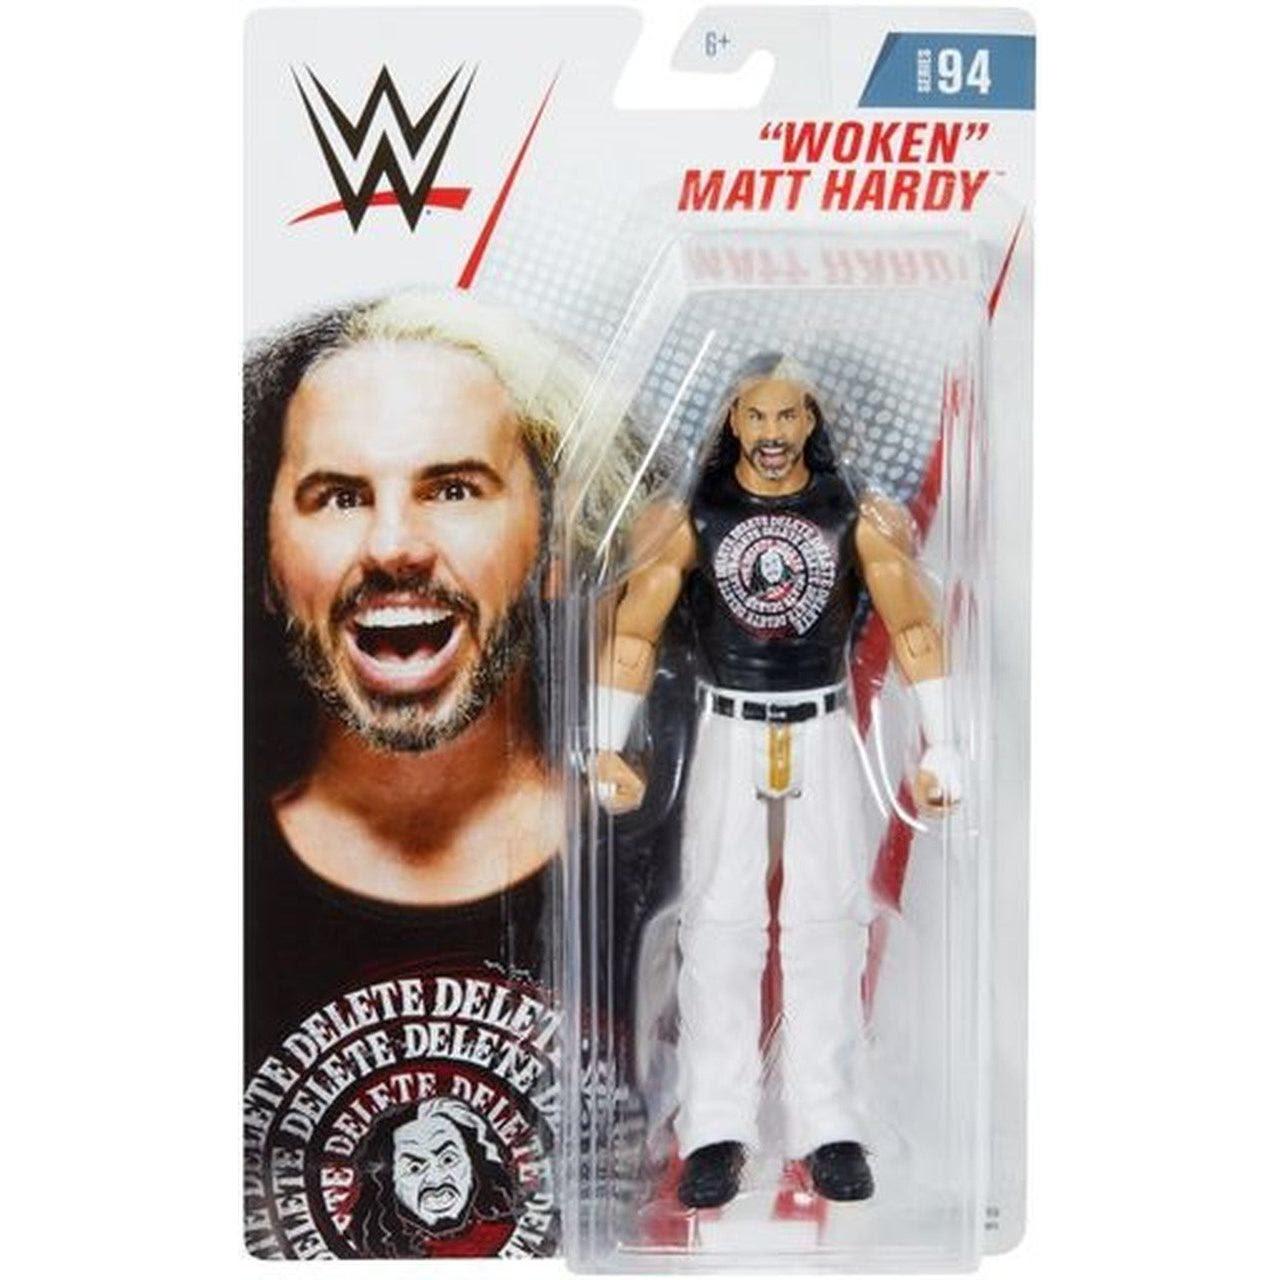 Image of WWE Basic Series 94 - Matt Hardy - JULY 2019